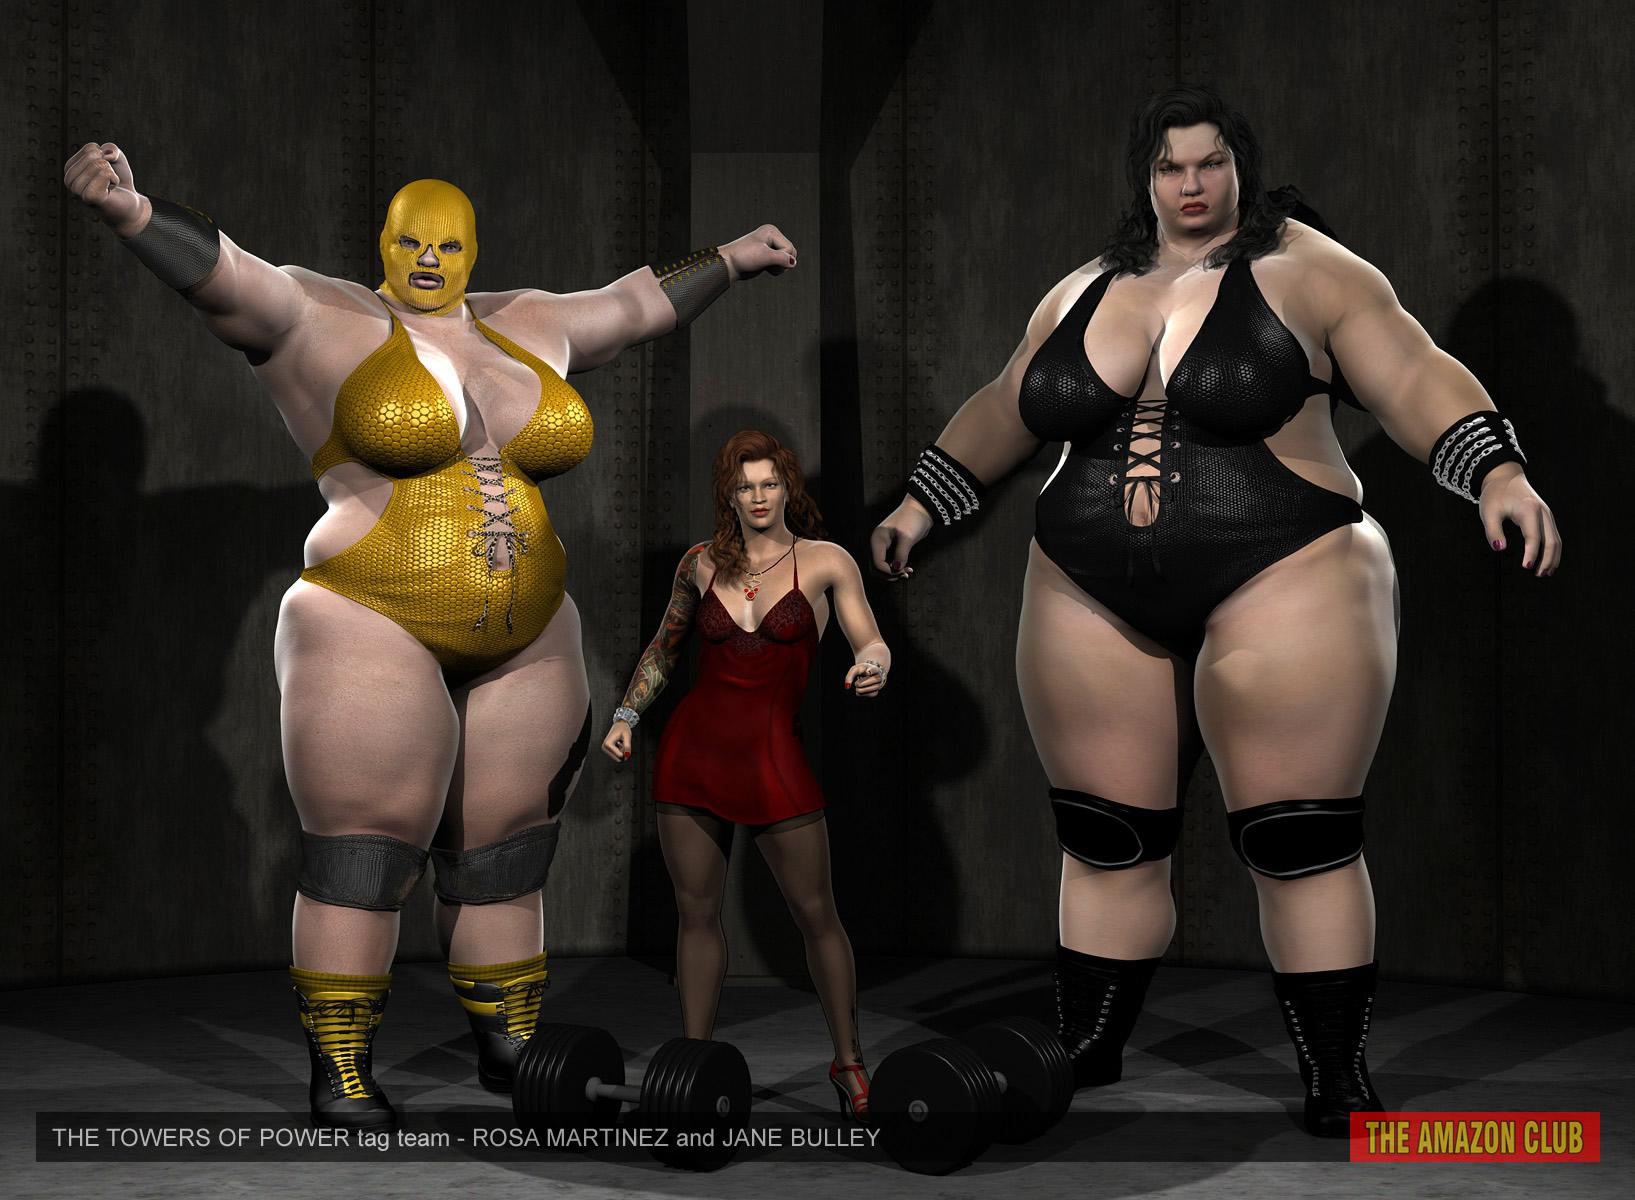 Had needed Female tag team domination